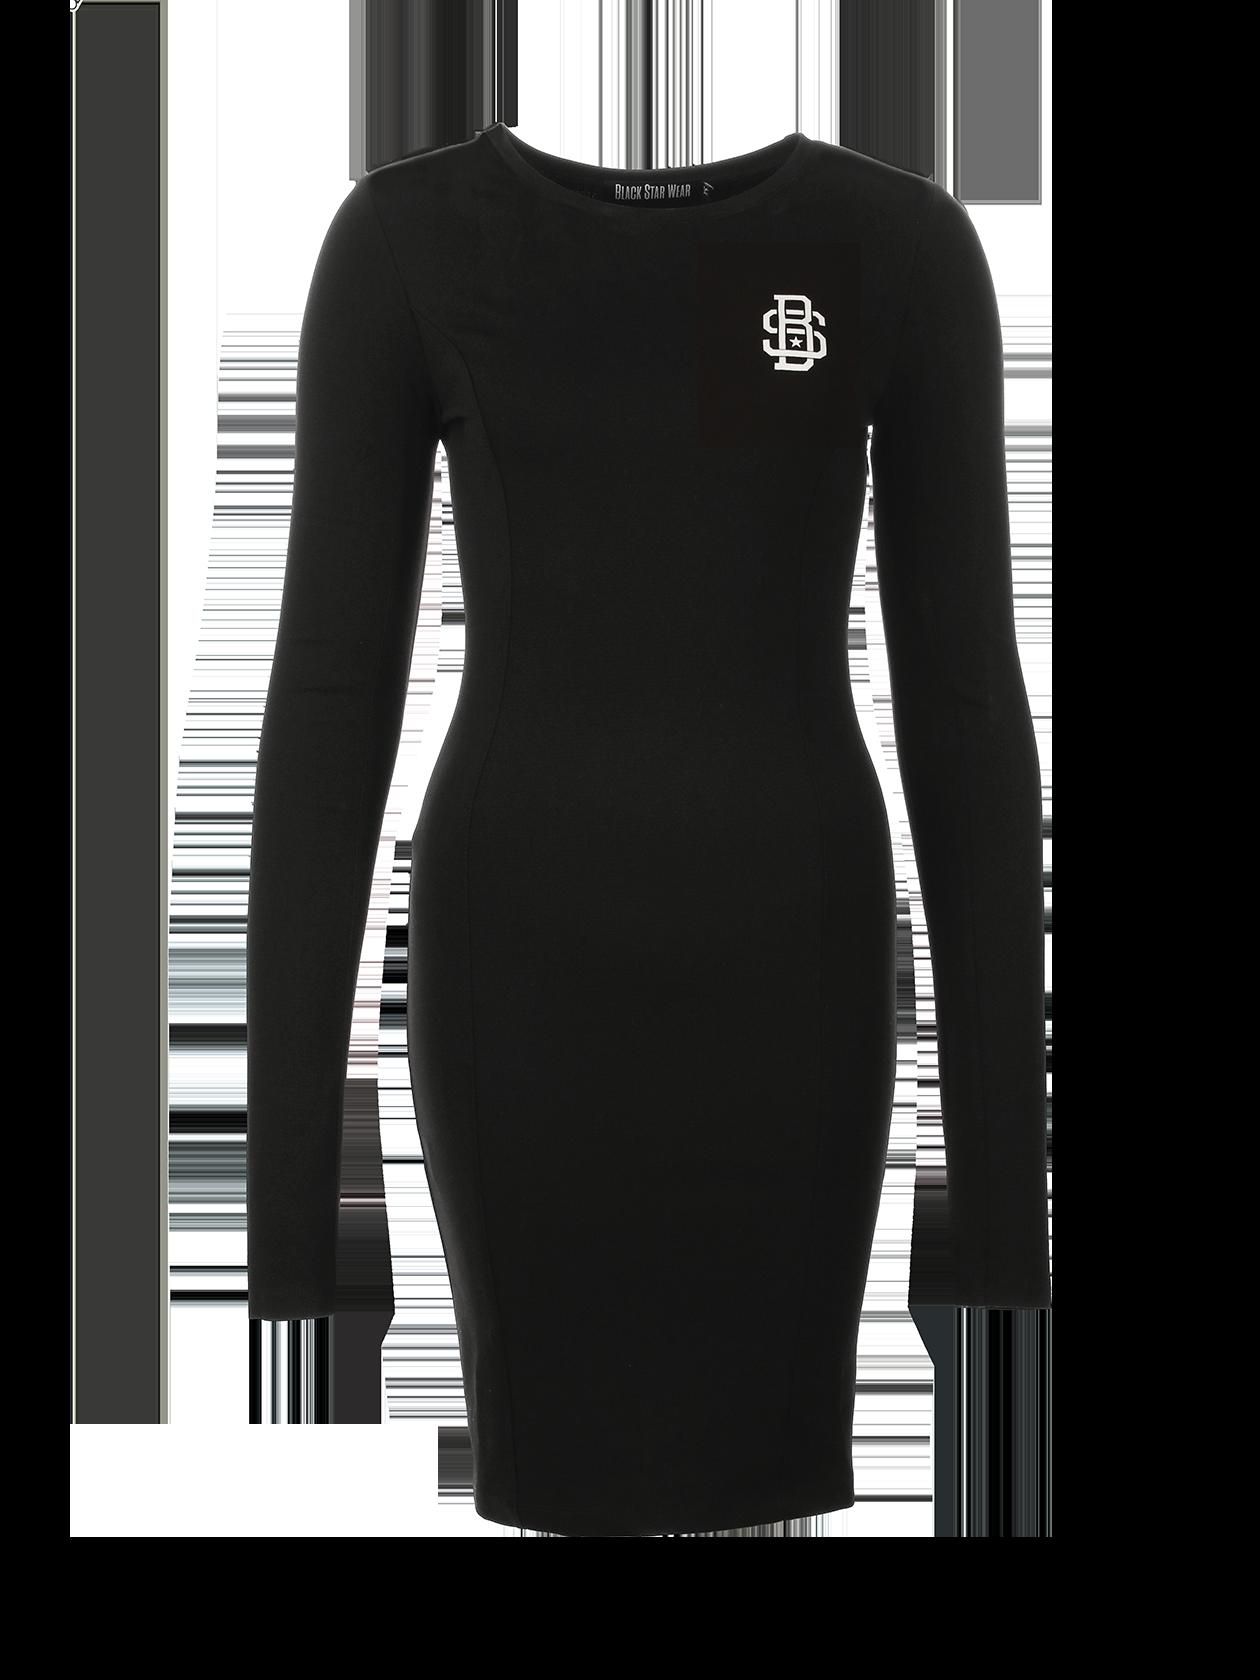 Платье женское BS 13Платье женское BS 13 из новой линии одежды Basic вдохновит на создание повседневного стиля. Модель лаконичного дизайна представлена в черном цвете. Облегающий силуэт, длина изделия до колена. Приятный к телу натуральный хлопок с небольшим добавлением эластичного материала позволяет вещи хорошо держать форму и привлекательный вид. На груди нашивка с логотипом Black Star. Горловина неглубокая, округлая, с жаккардовым лейблом на внутренней стороне.<br><br>Размер: L<br>Цвет: Черный<br>Пол: Унисекс